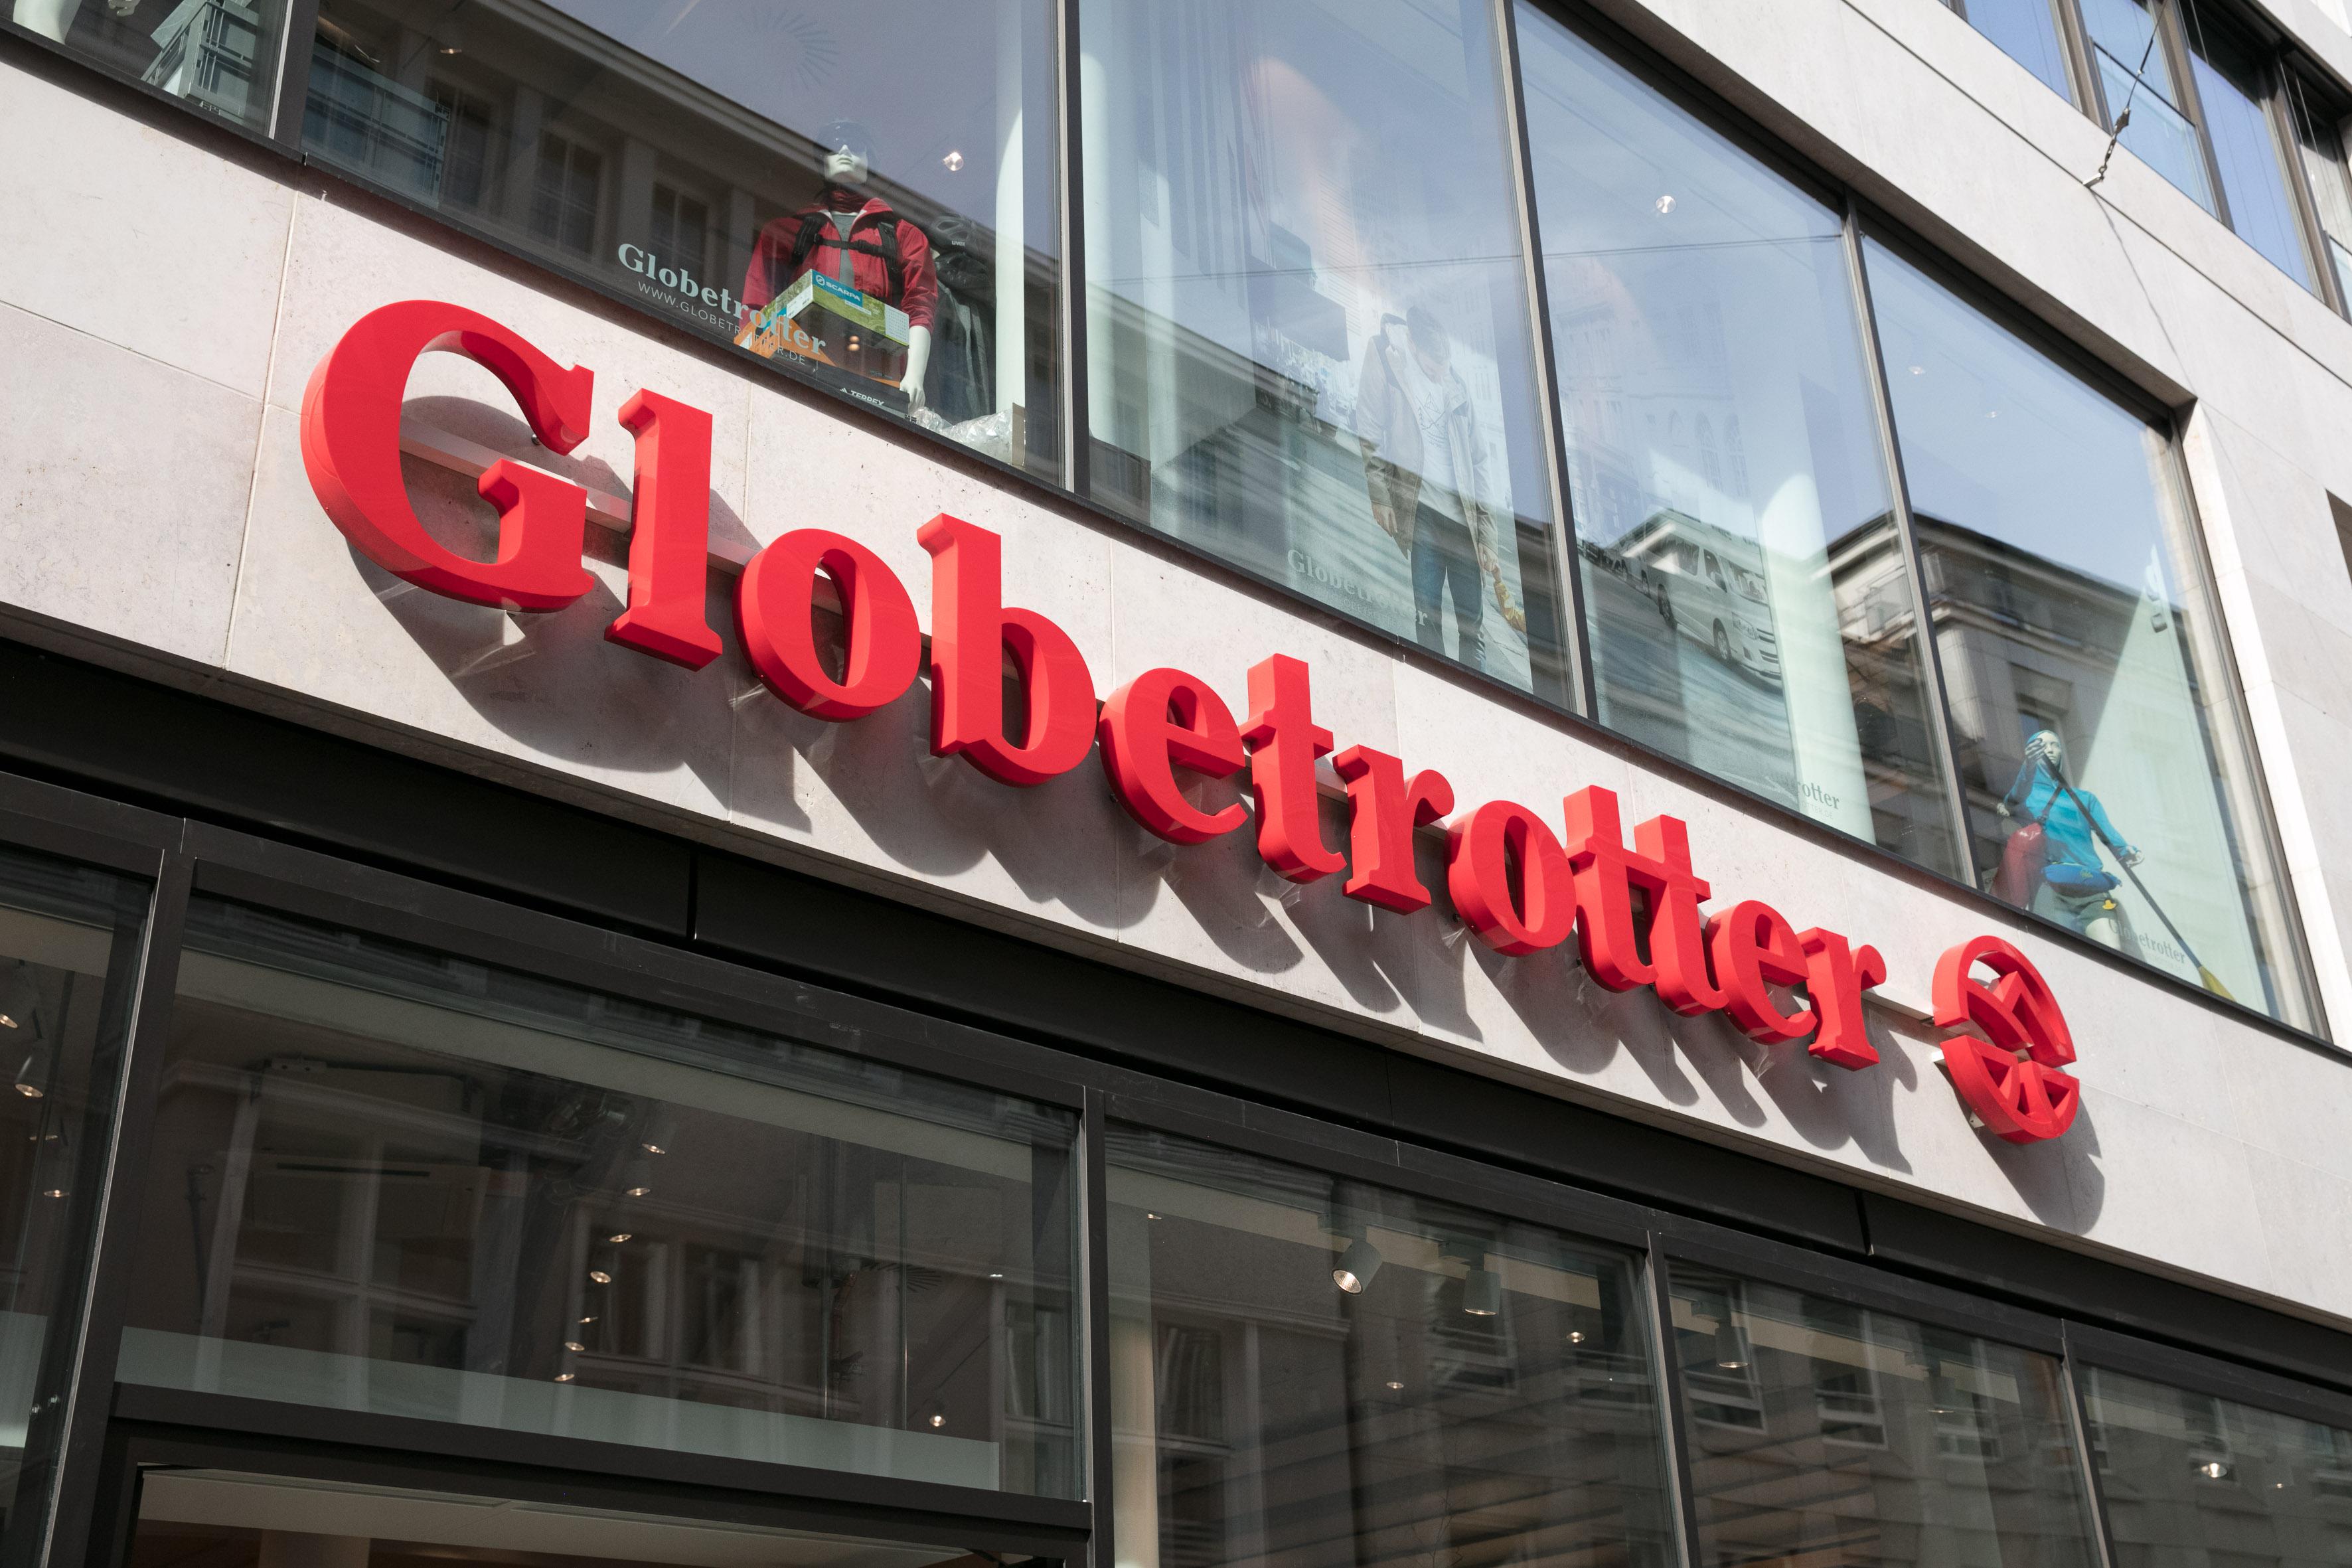 Kletterausrüstung Hamburg Kaufen : Presseinfo filiale hamburg city globetrotter